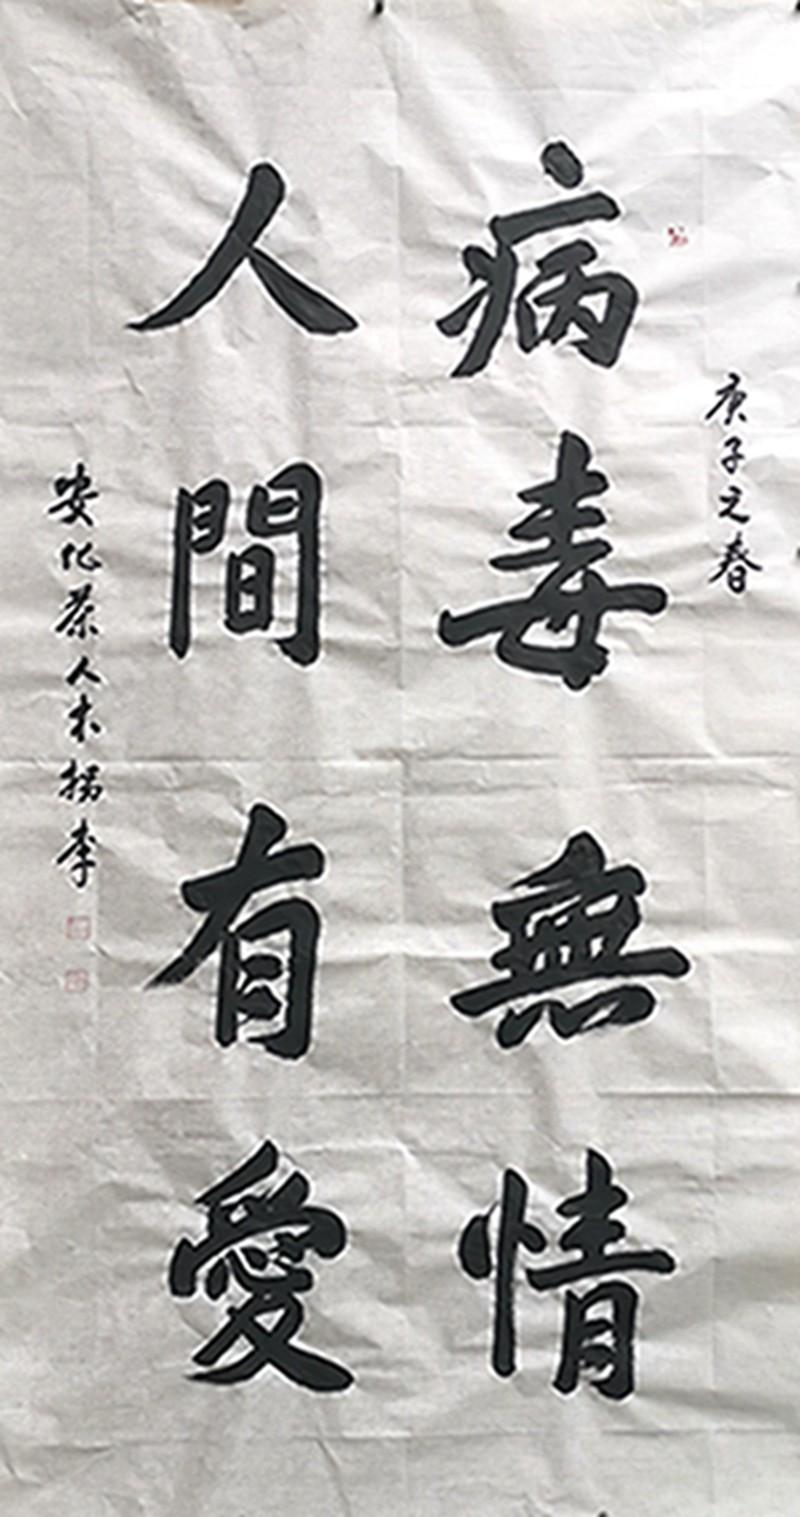 7、对联 李云 安化县茶乡书画院 13973766666 (1).jpg